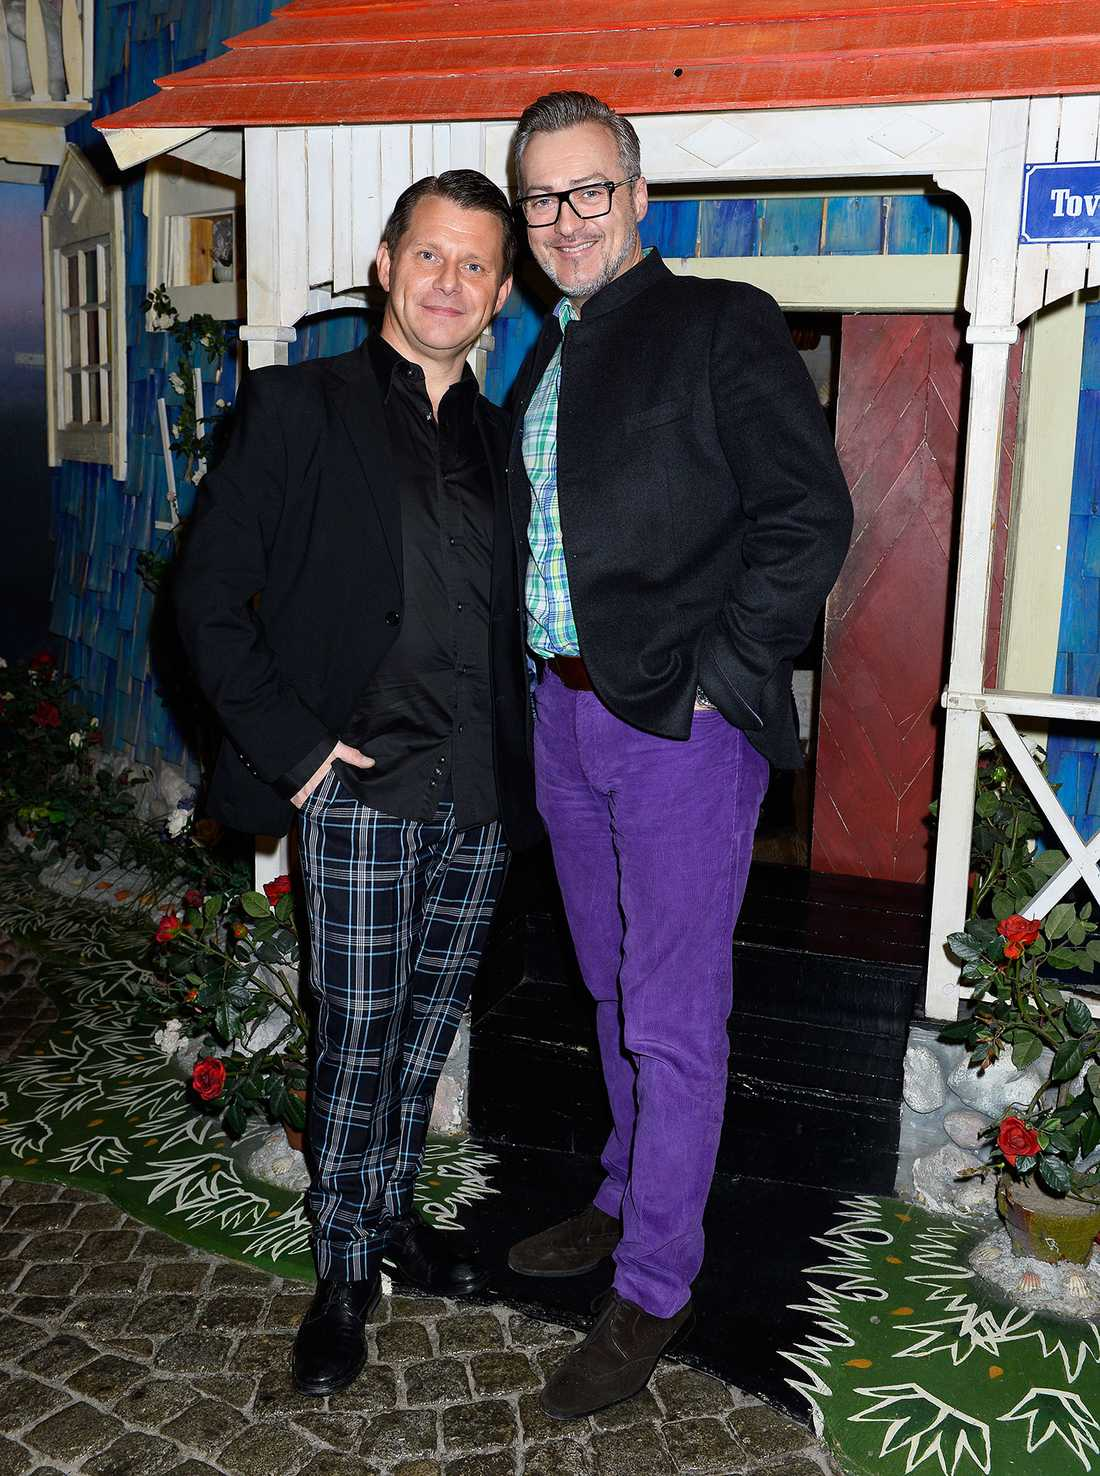 Tony Irving, 50, med Alexander Skiöldsparr, 44